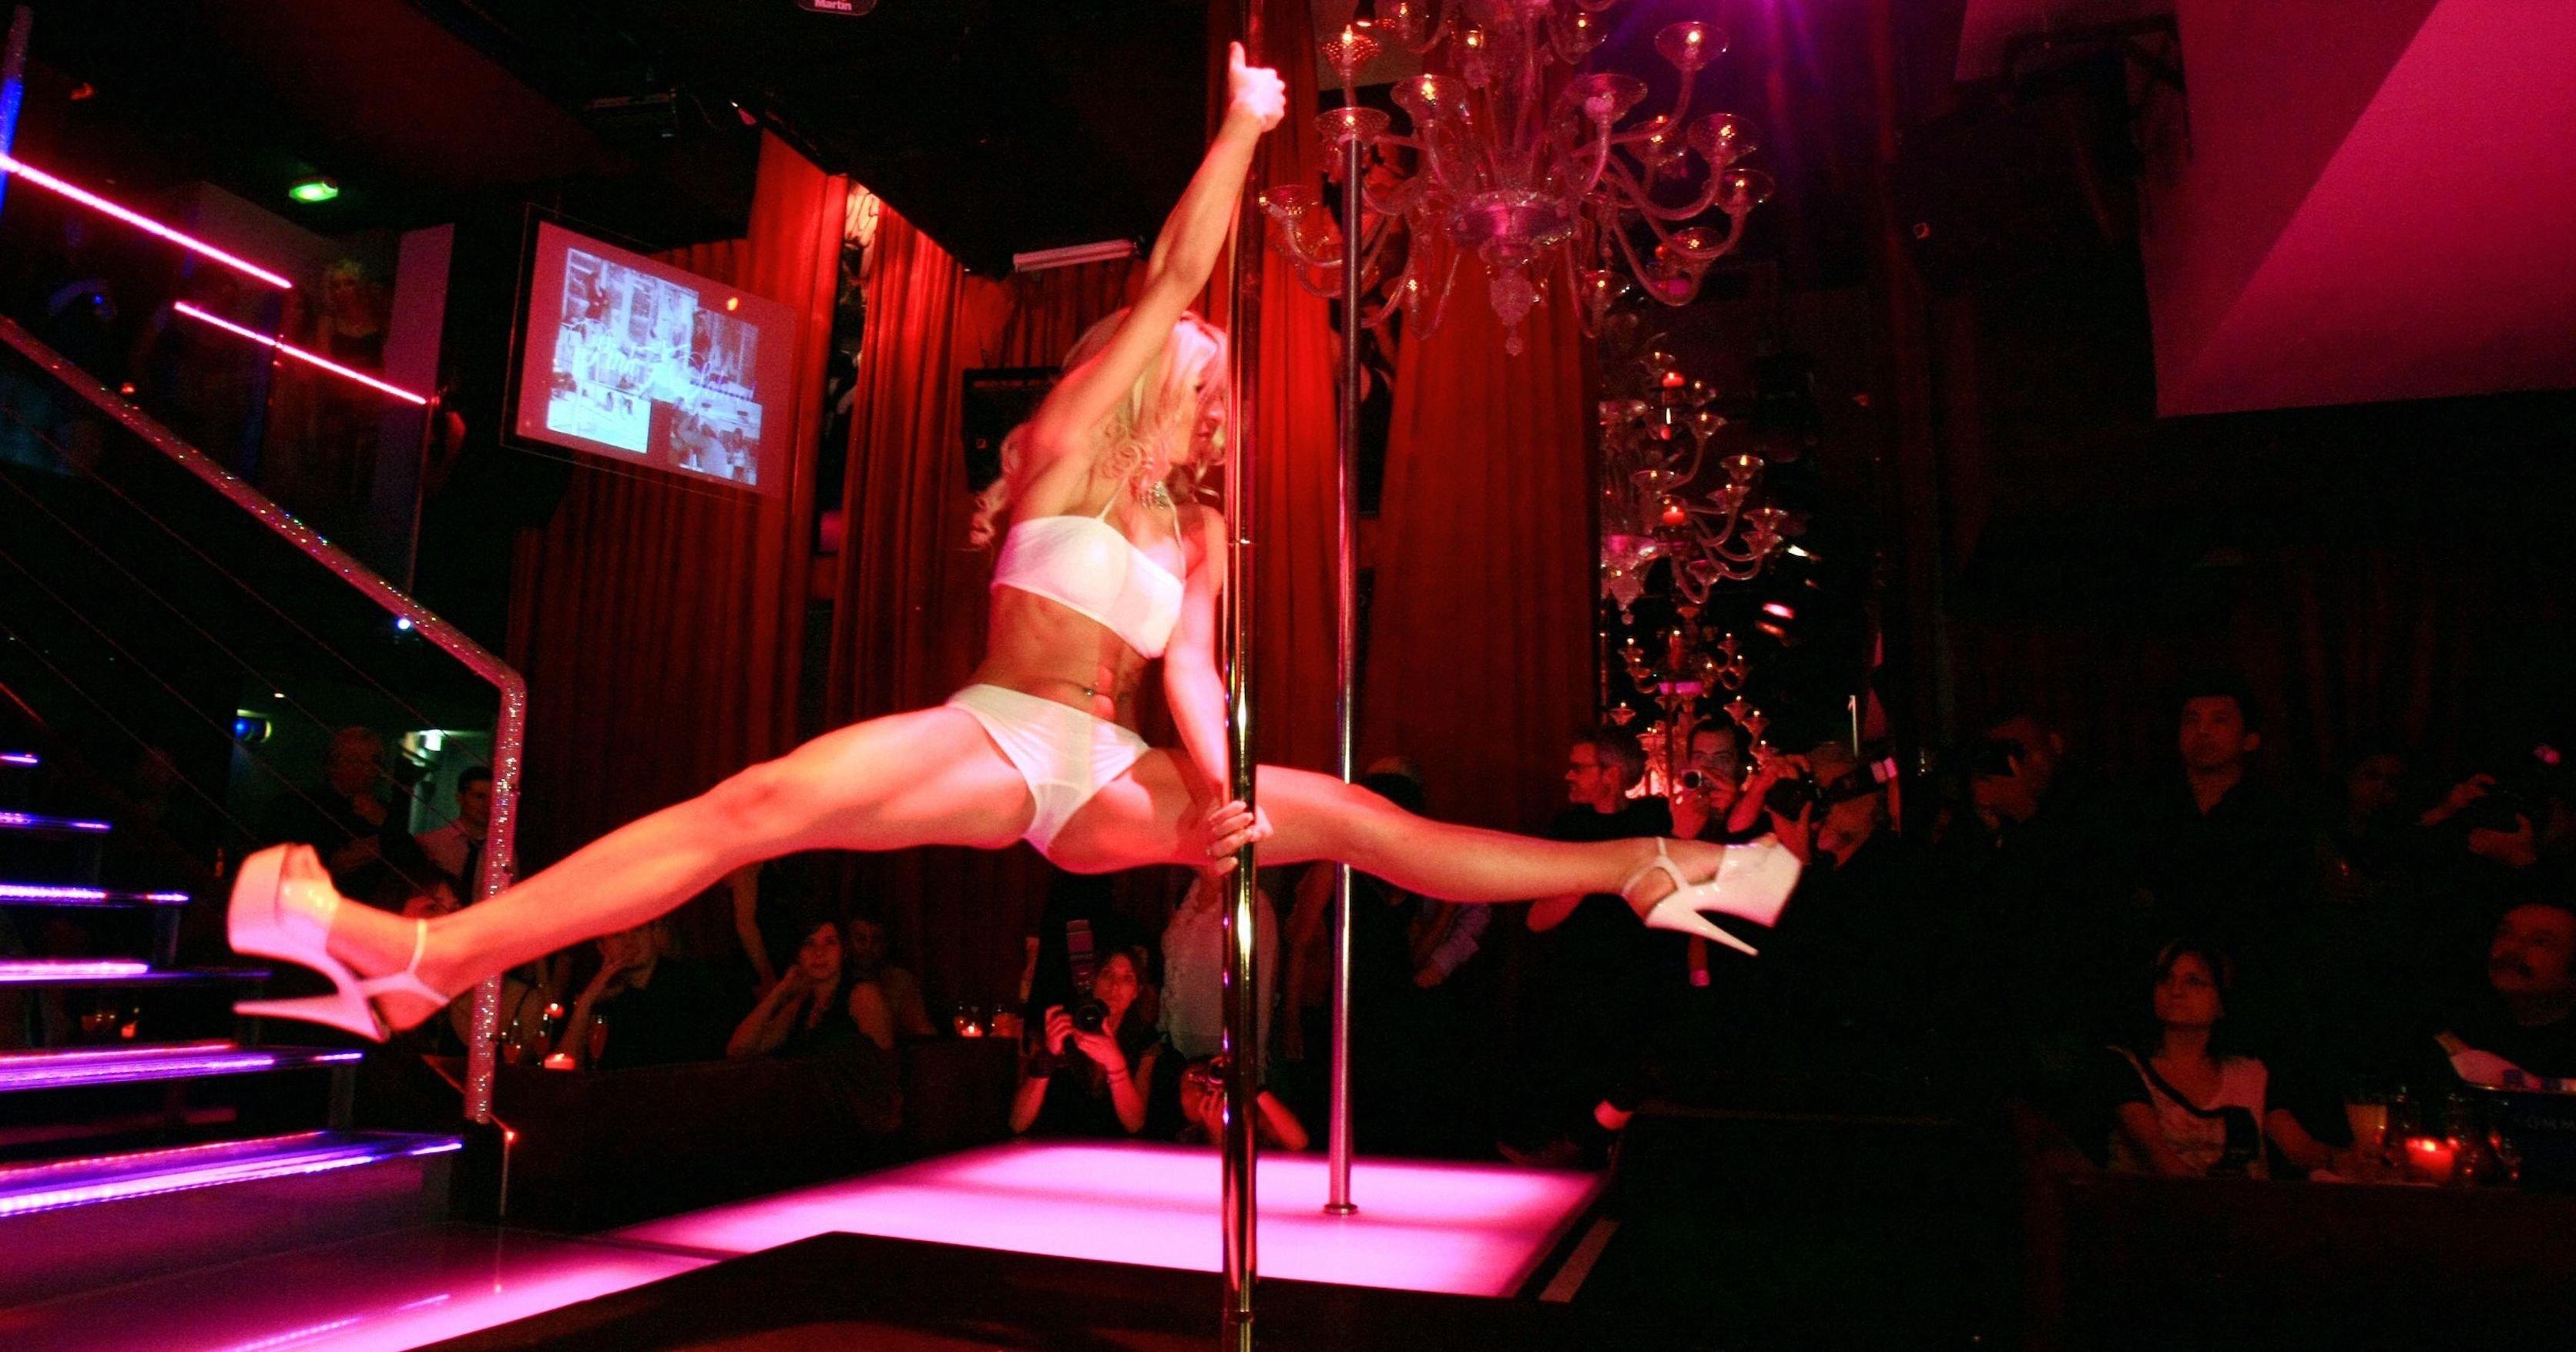 nastoyashiy-striptiz-bar-parney-i-devushek-video-krovati-rakom-luchshee